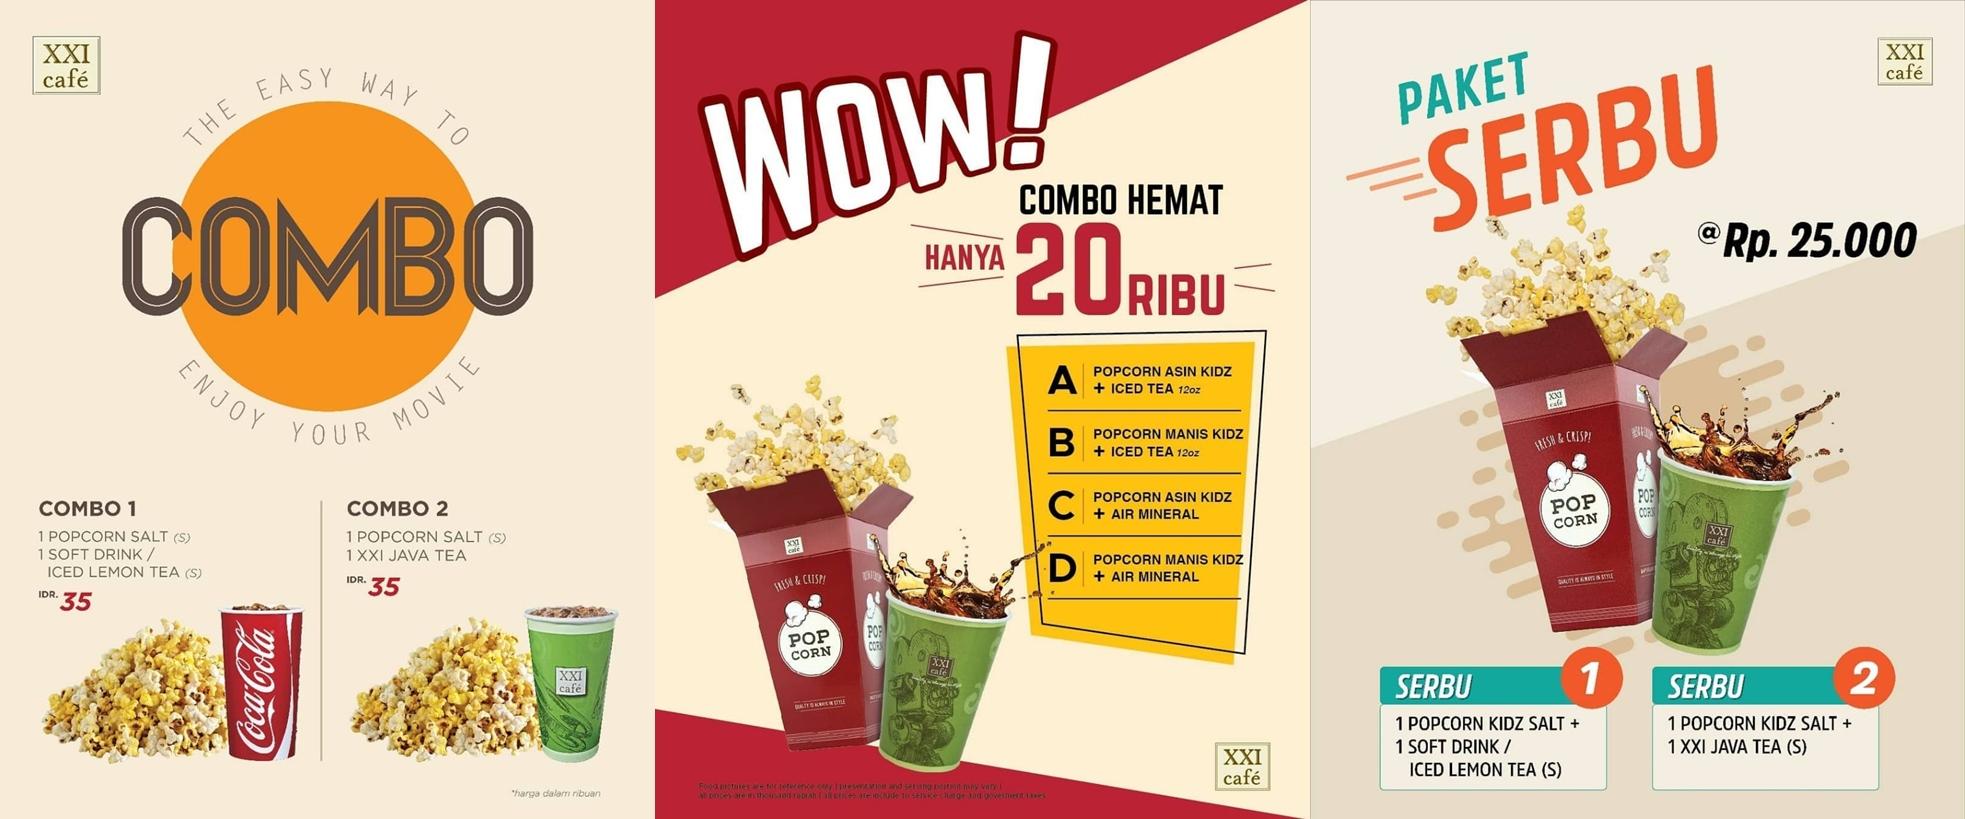 Cinema Xxi Nonton Asik Dengan Combo Hemat Harga Mulai Dari Rp 20 000